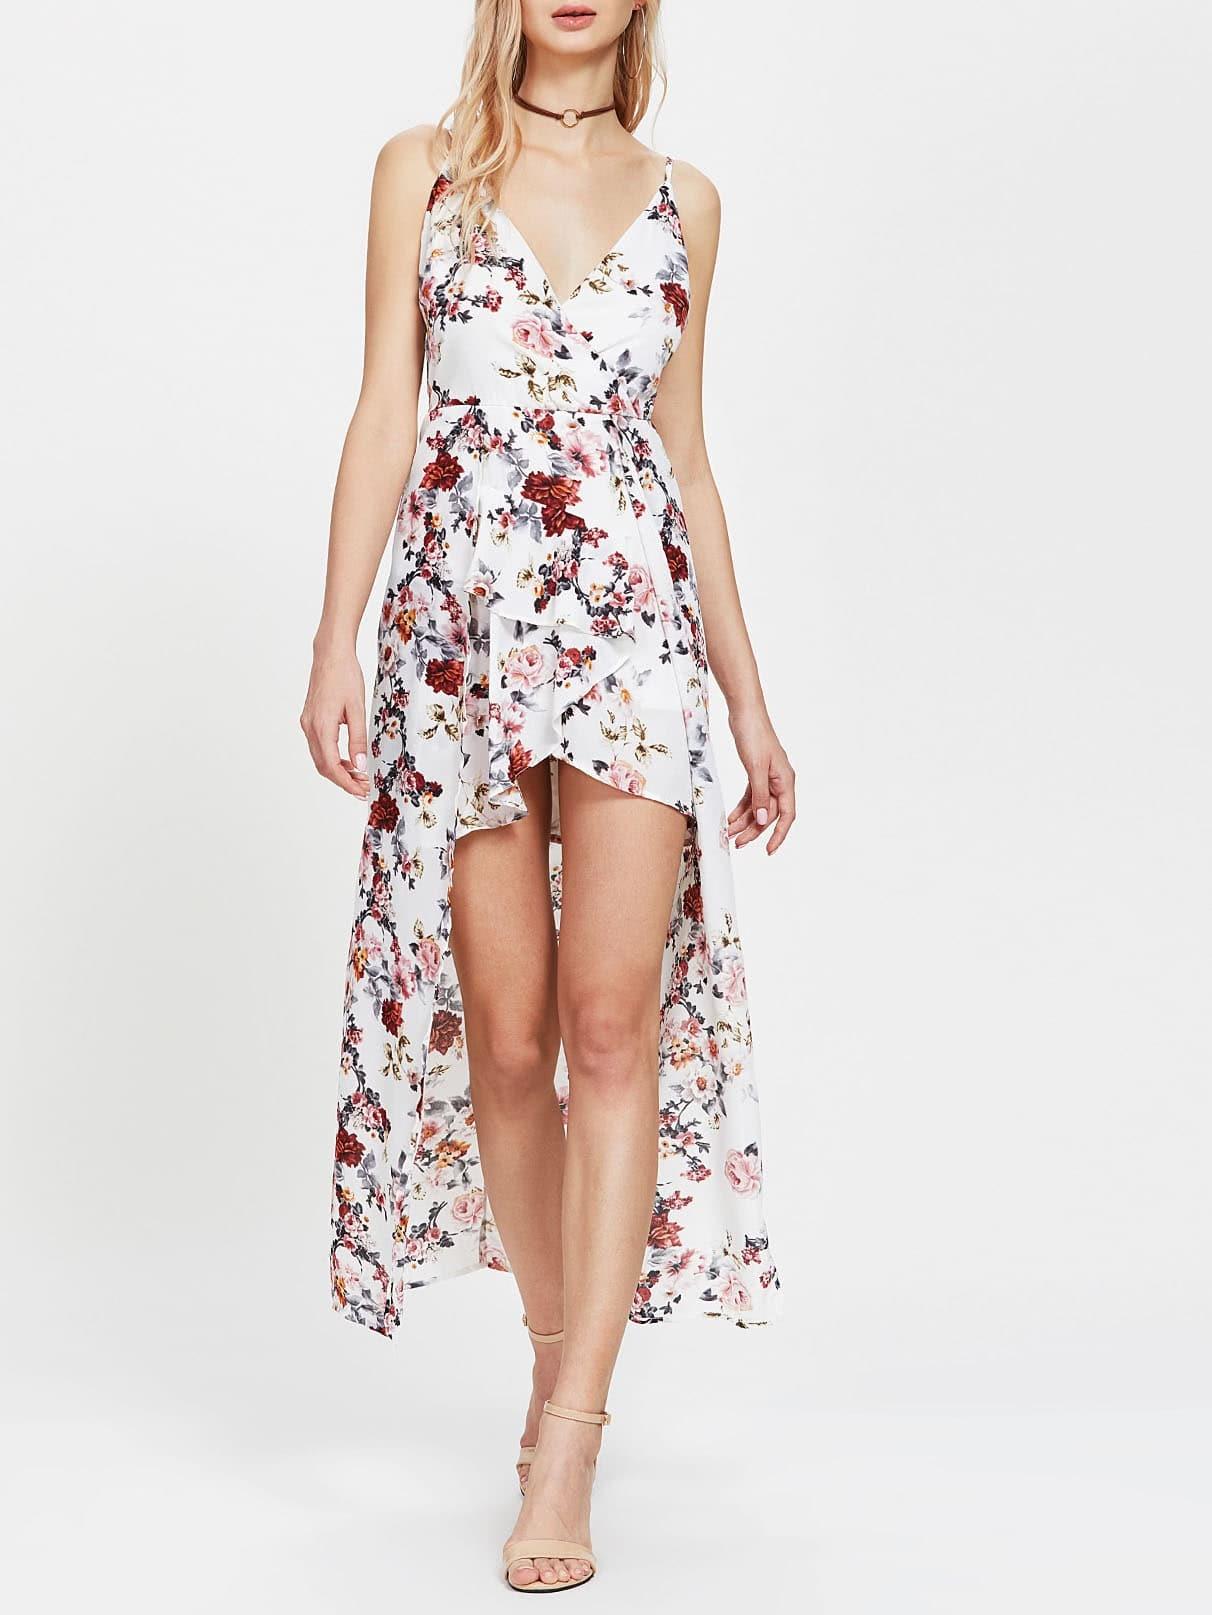 Floral Print Asymmetrical Playsuit jumpsuit170626402